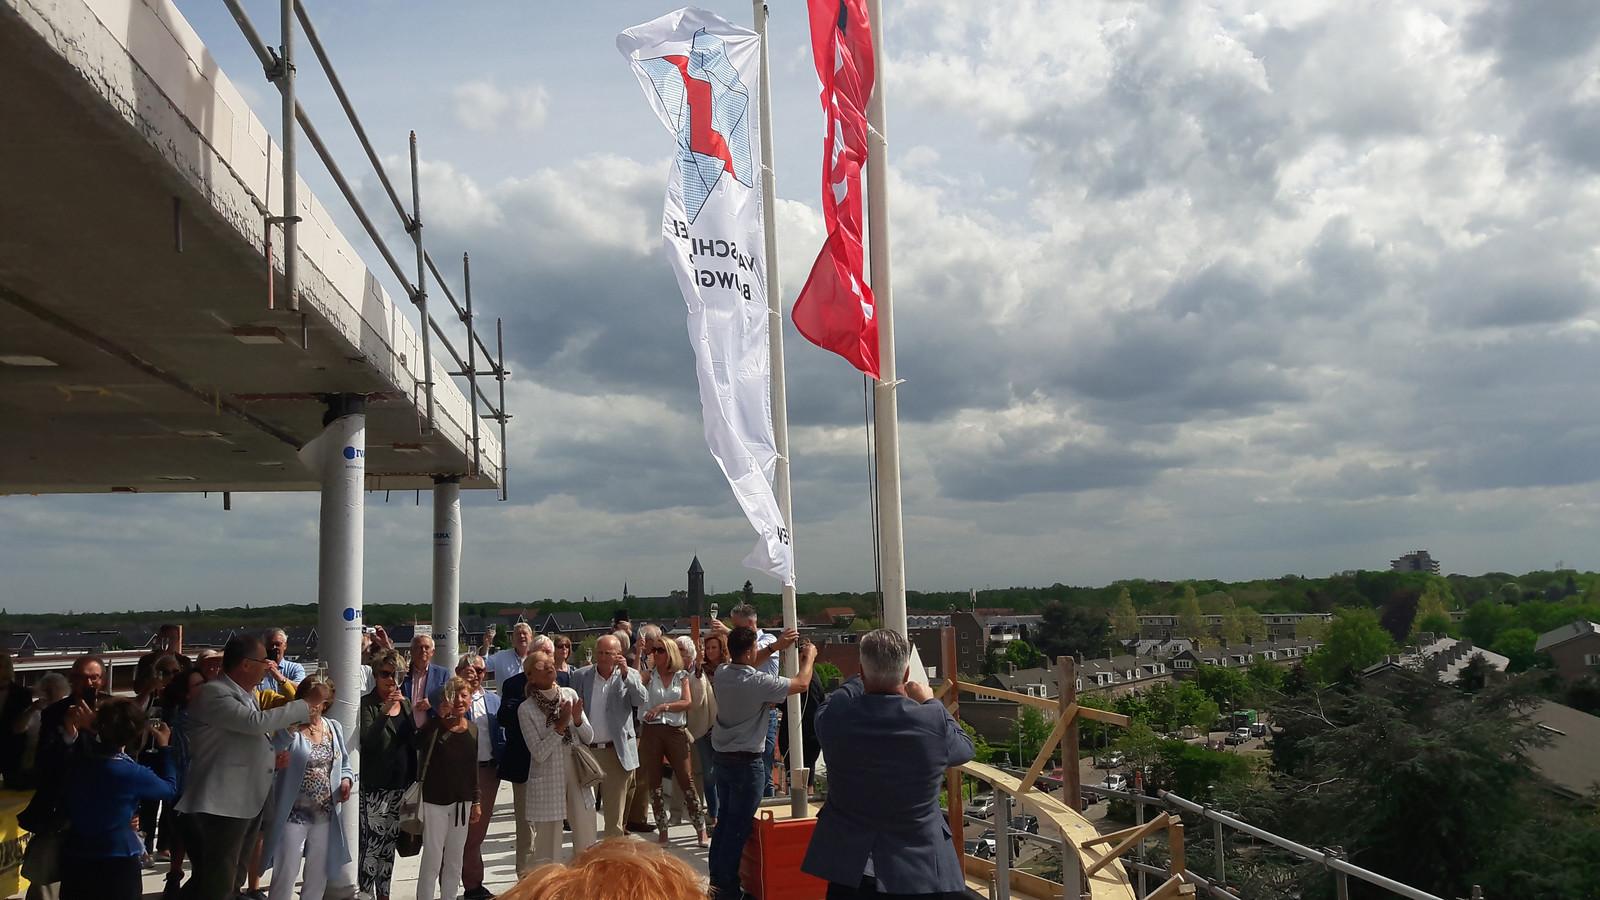 De vlaggen  werden gehesen op het balkon van een van de penthouses van Parc Fontaine aan de Le Sage ten Broeklaan in Eindhoven, ten teken dat het hoogste punt van de bouw is  bereikt.